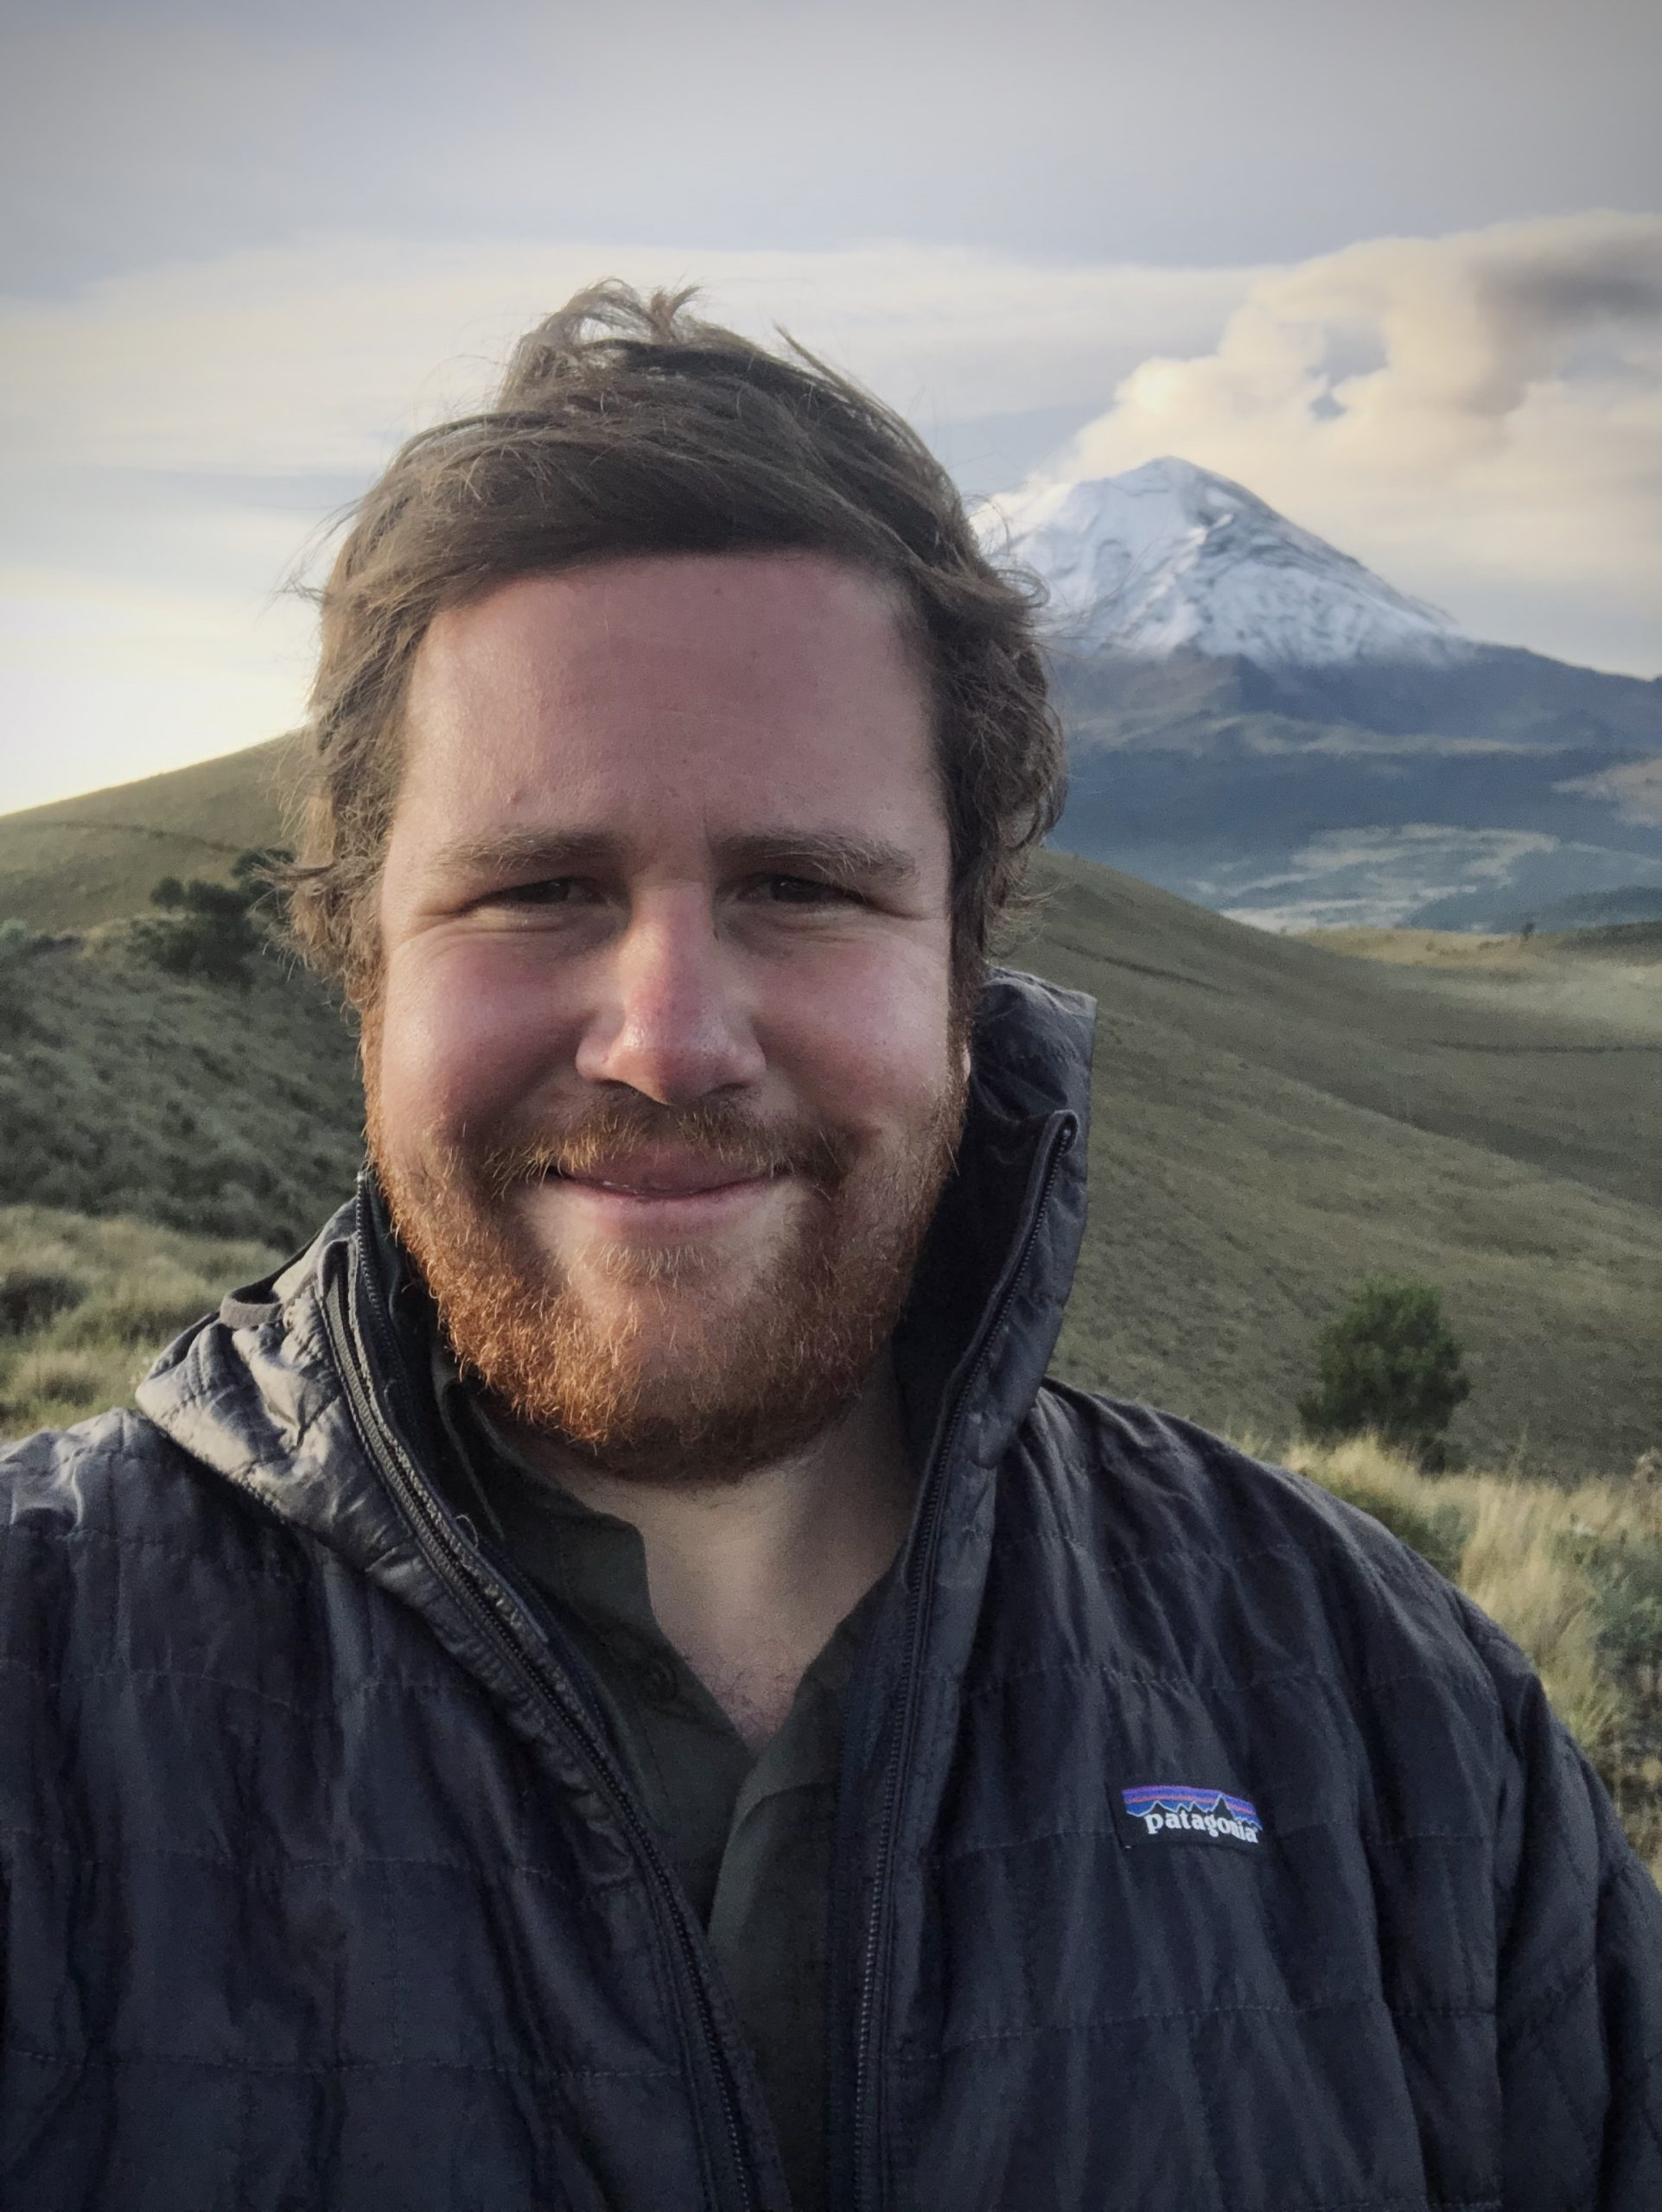 Pablo Fregoso fotografo de paisaje y naturaleza mexicano que trabaja en los volcanes popocatepetl nevado de toluca e iztaccihuatl y en el desierto de chihuahua